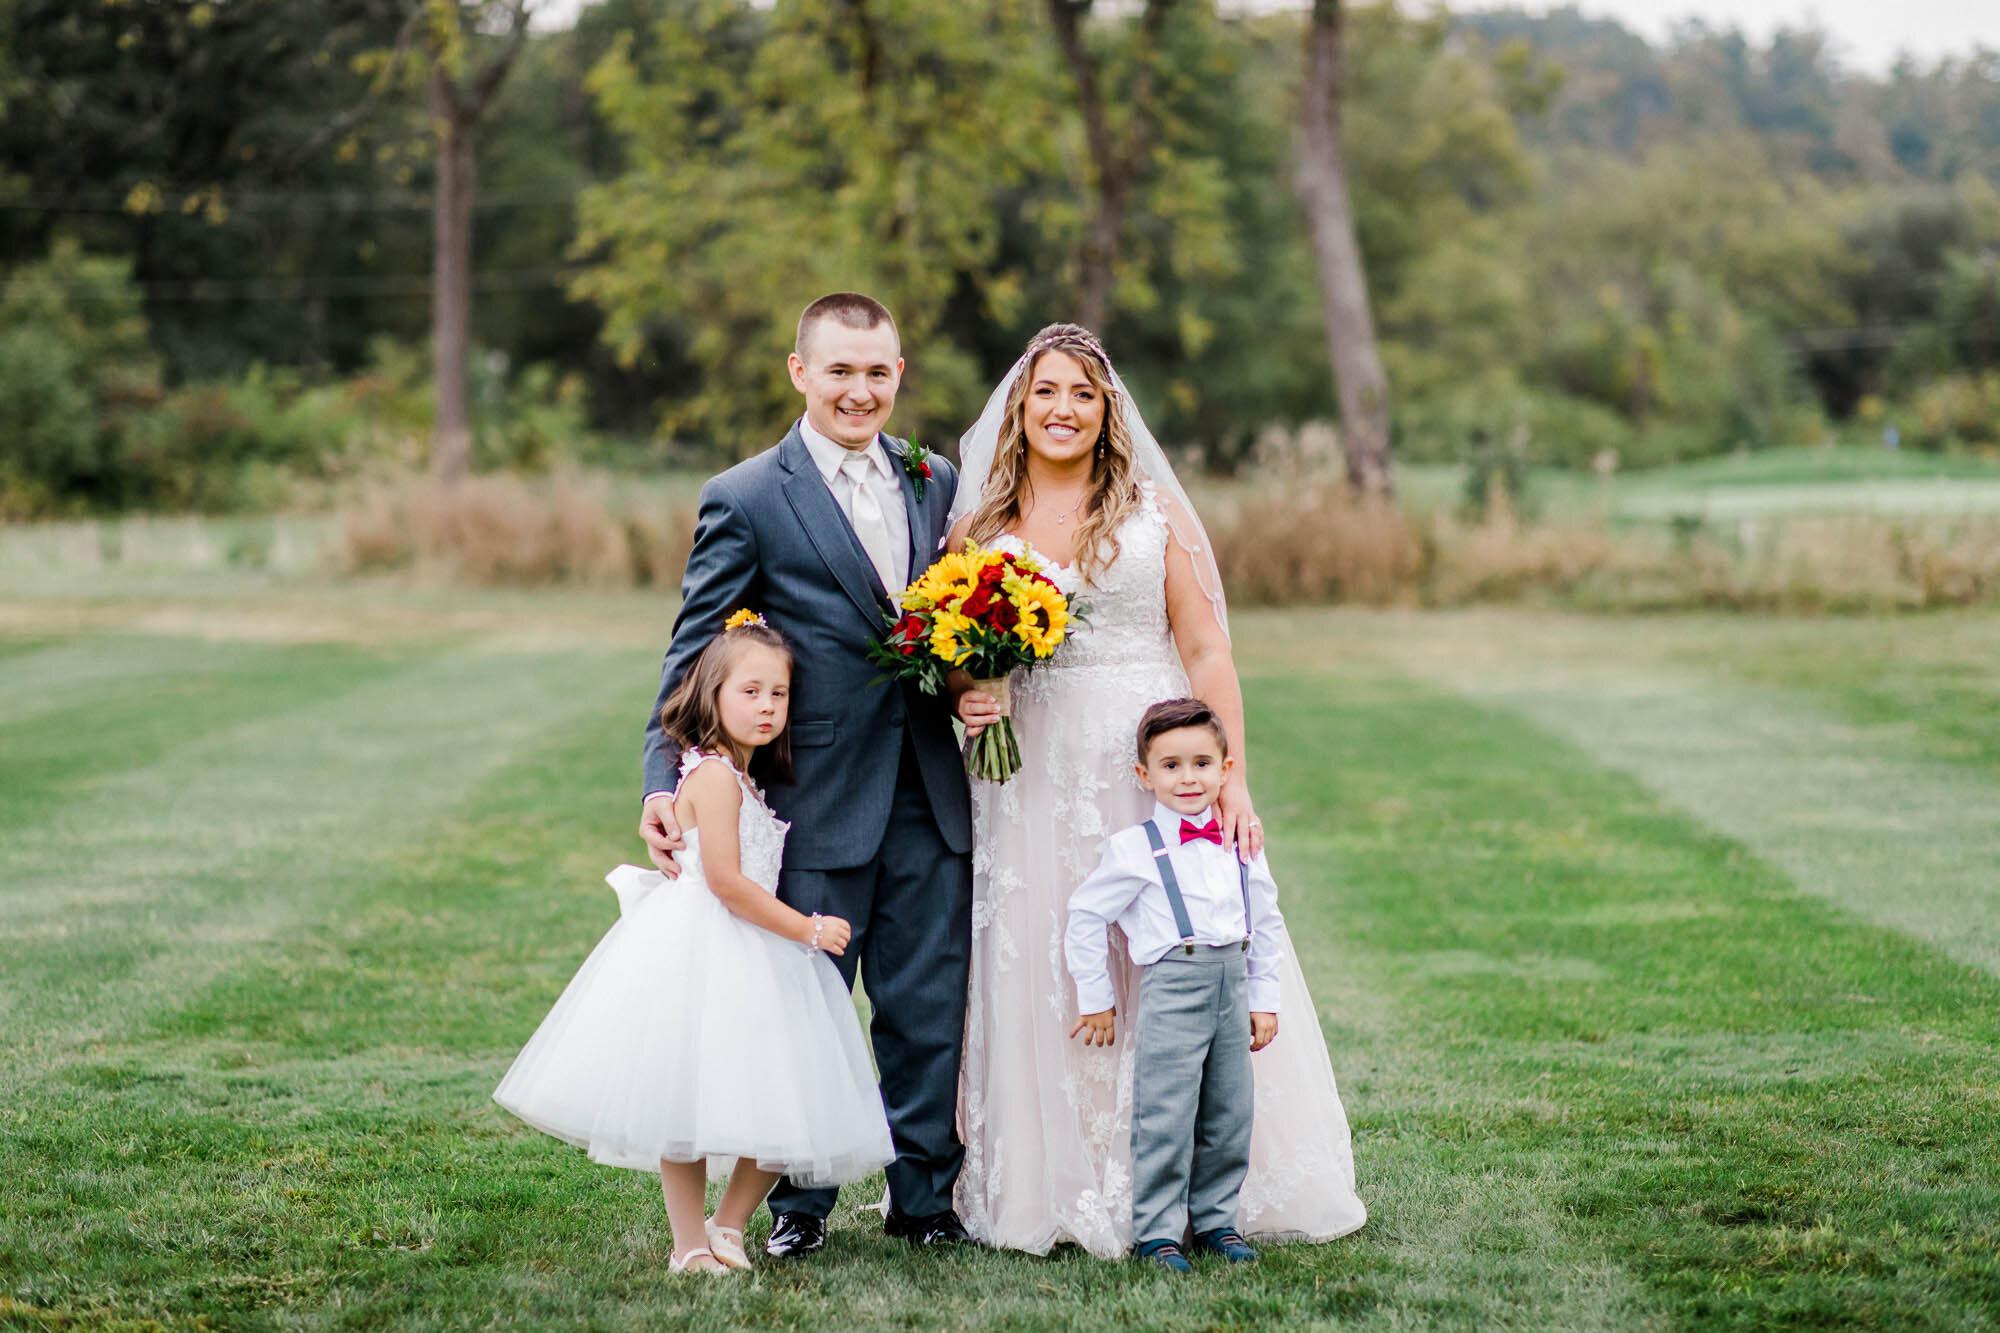 links-hemlock-creek-bloomsburg-wedding-6469.jpg